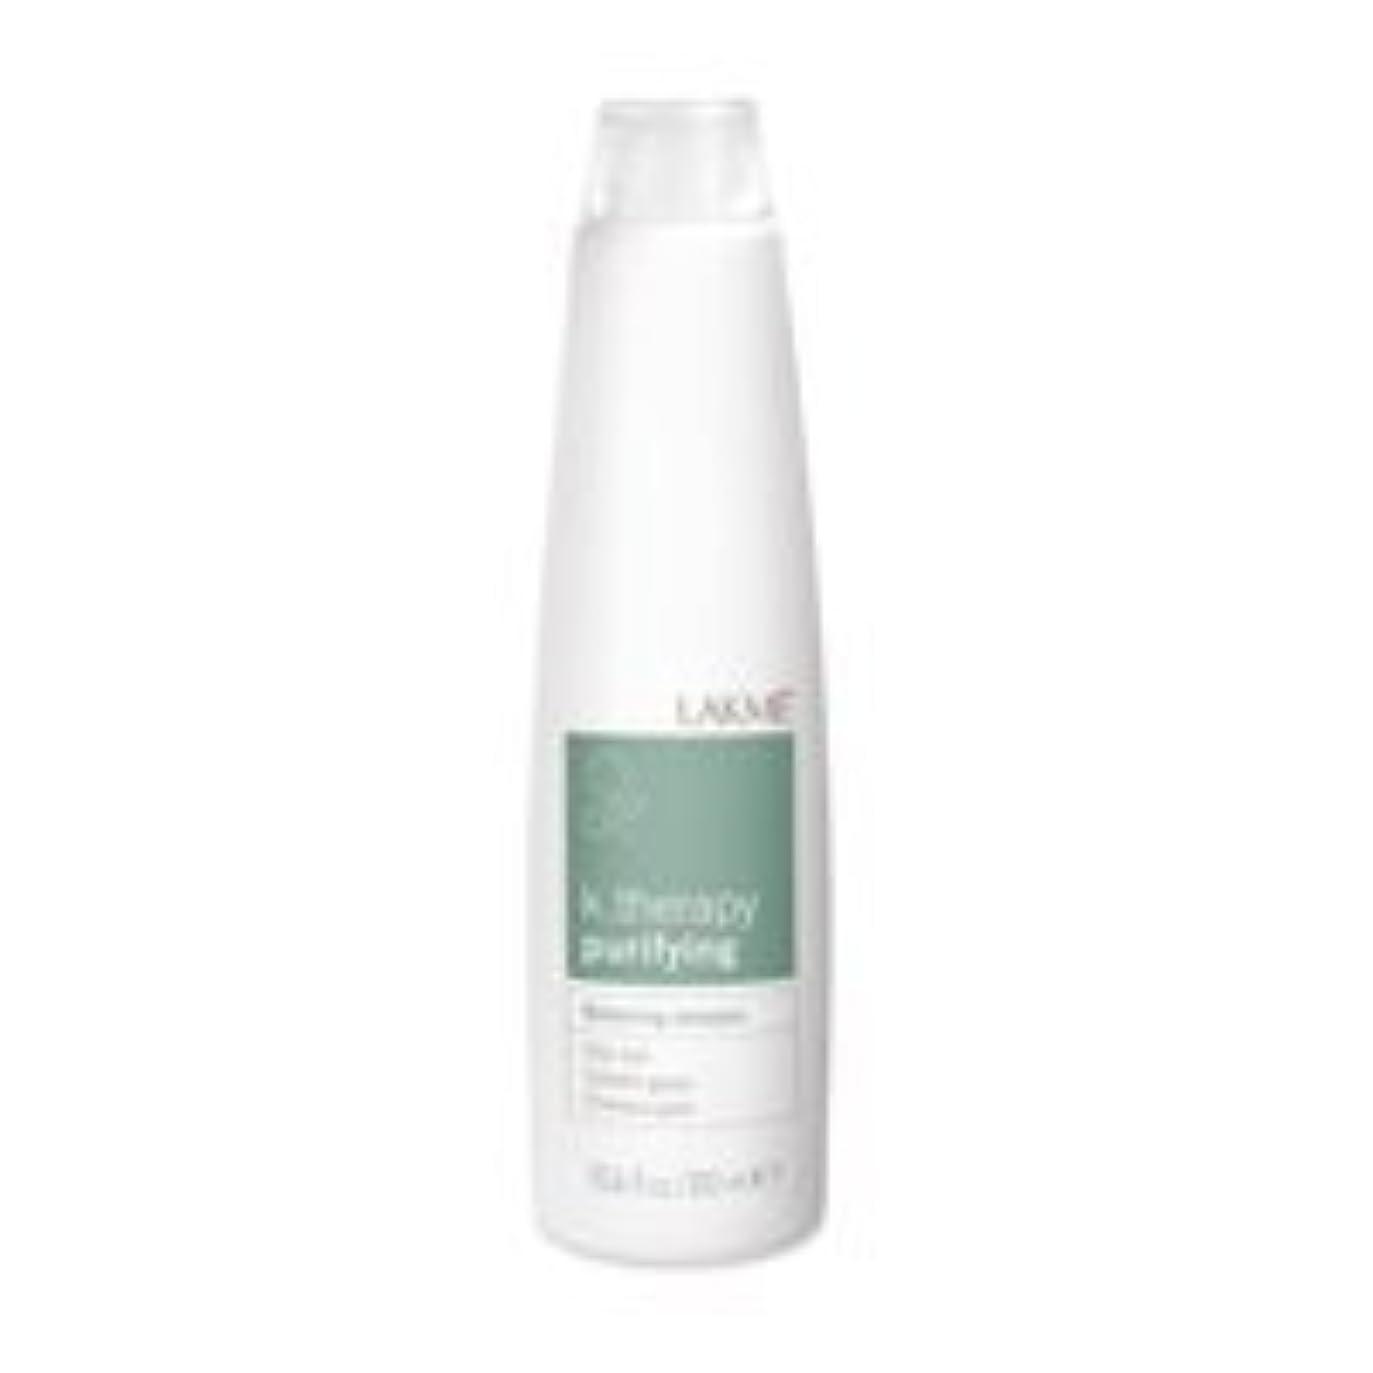 シャワーパーセント達成するLakme K.Therapy Purifying Balancing Shampoo 10.2 oz by Lakme [並行輸入品]